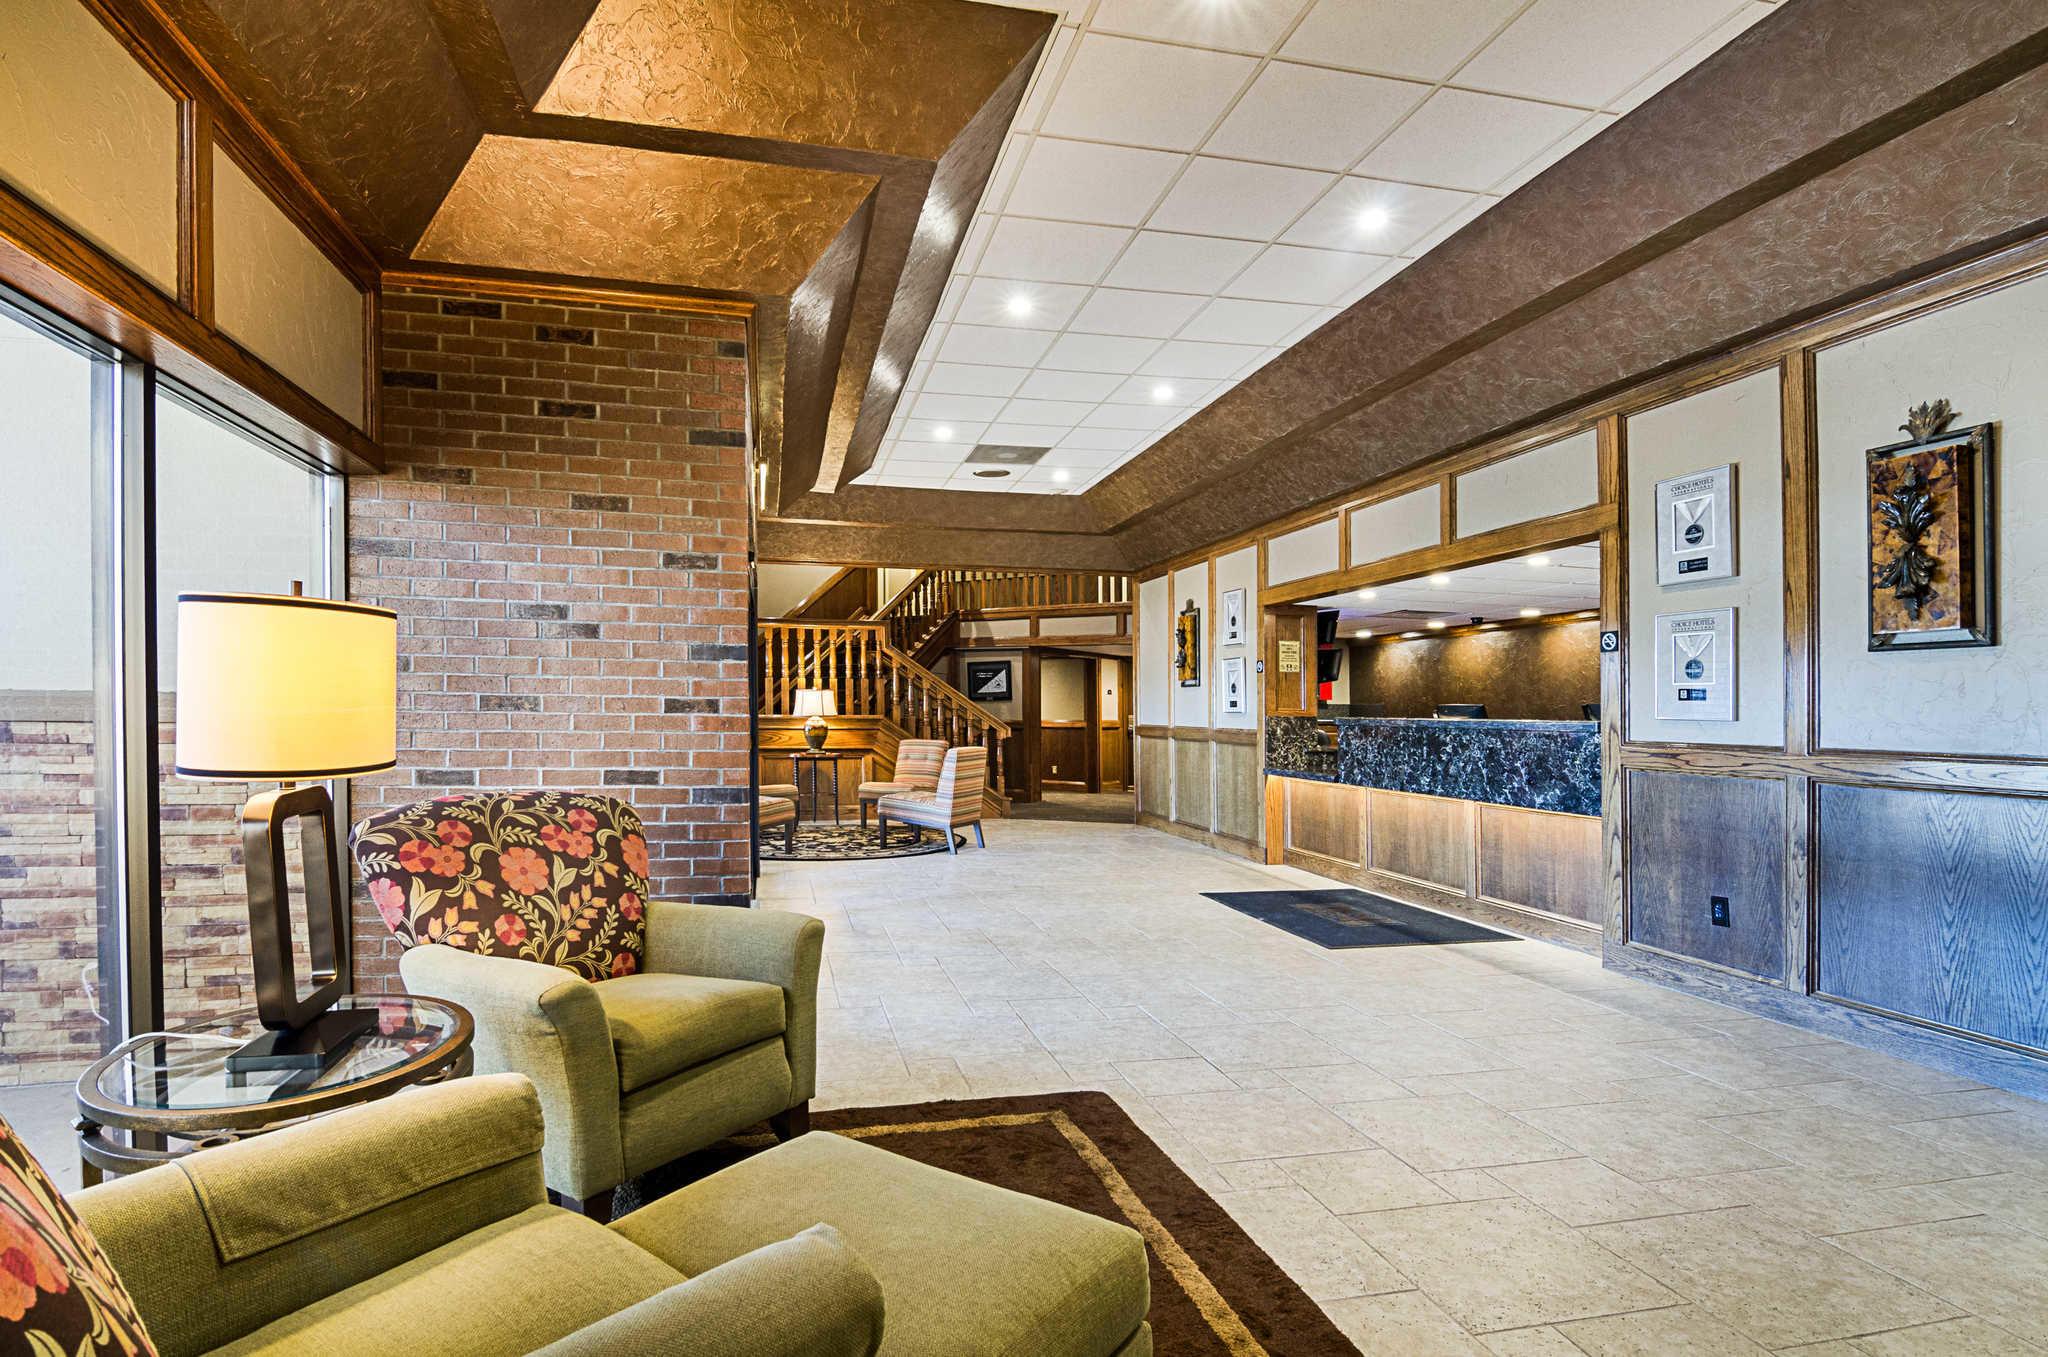 Clarion Inn Garden City Kansas Ks